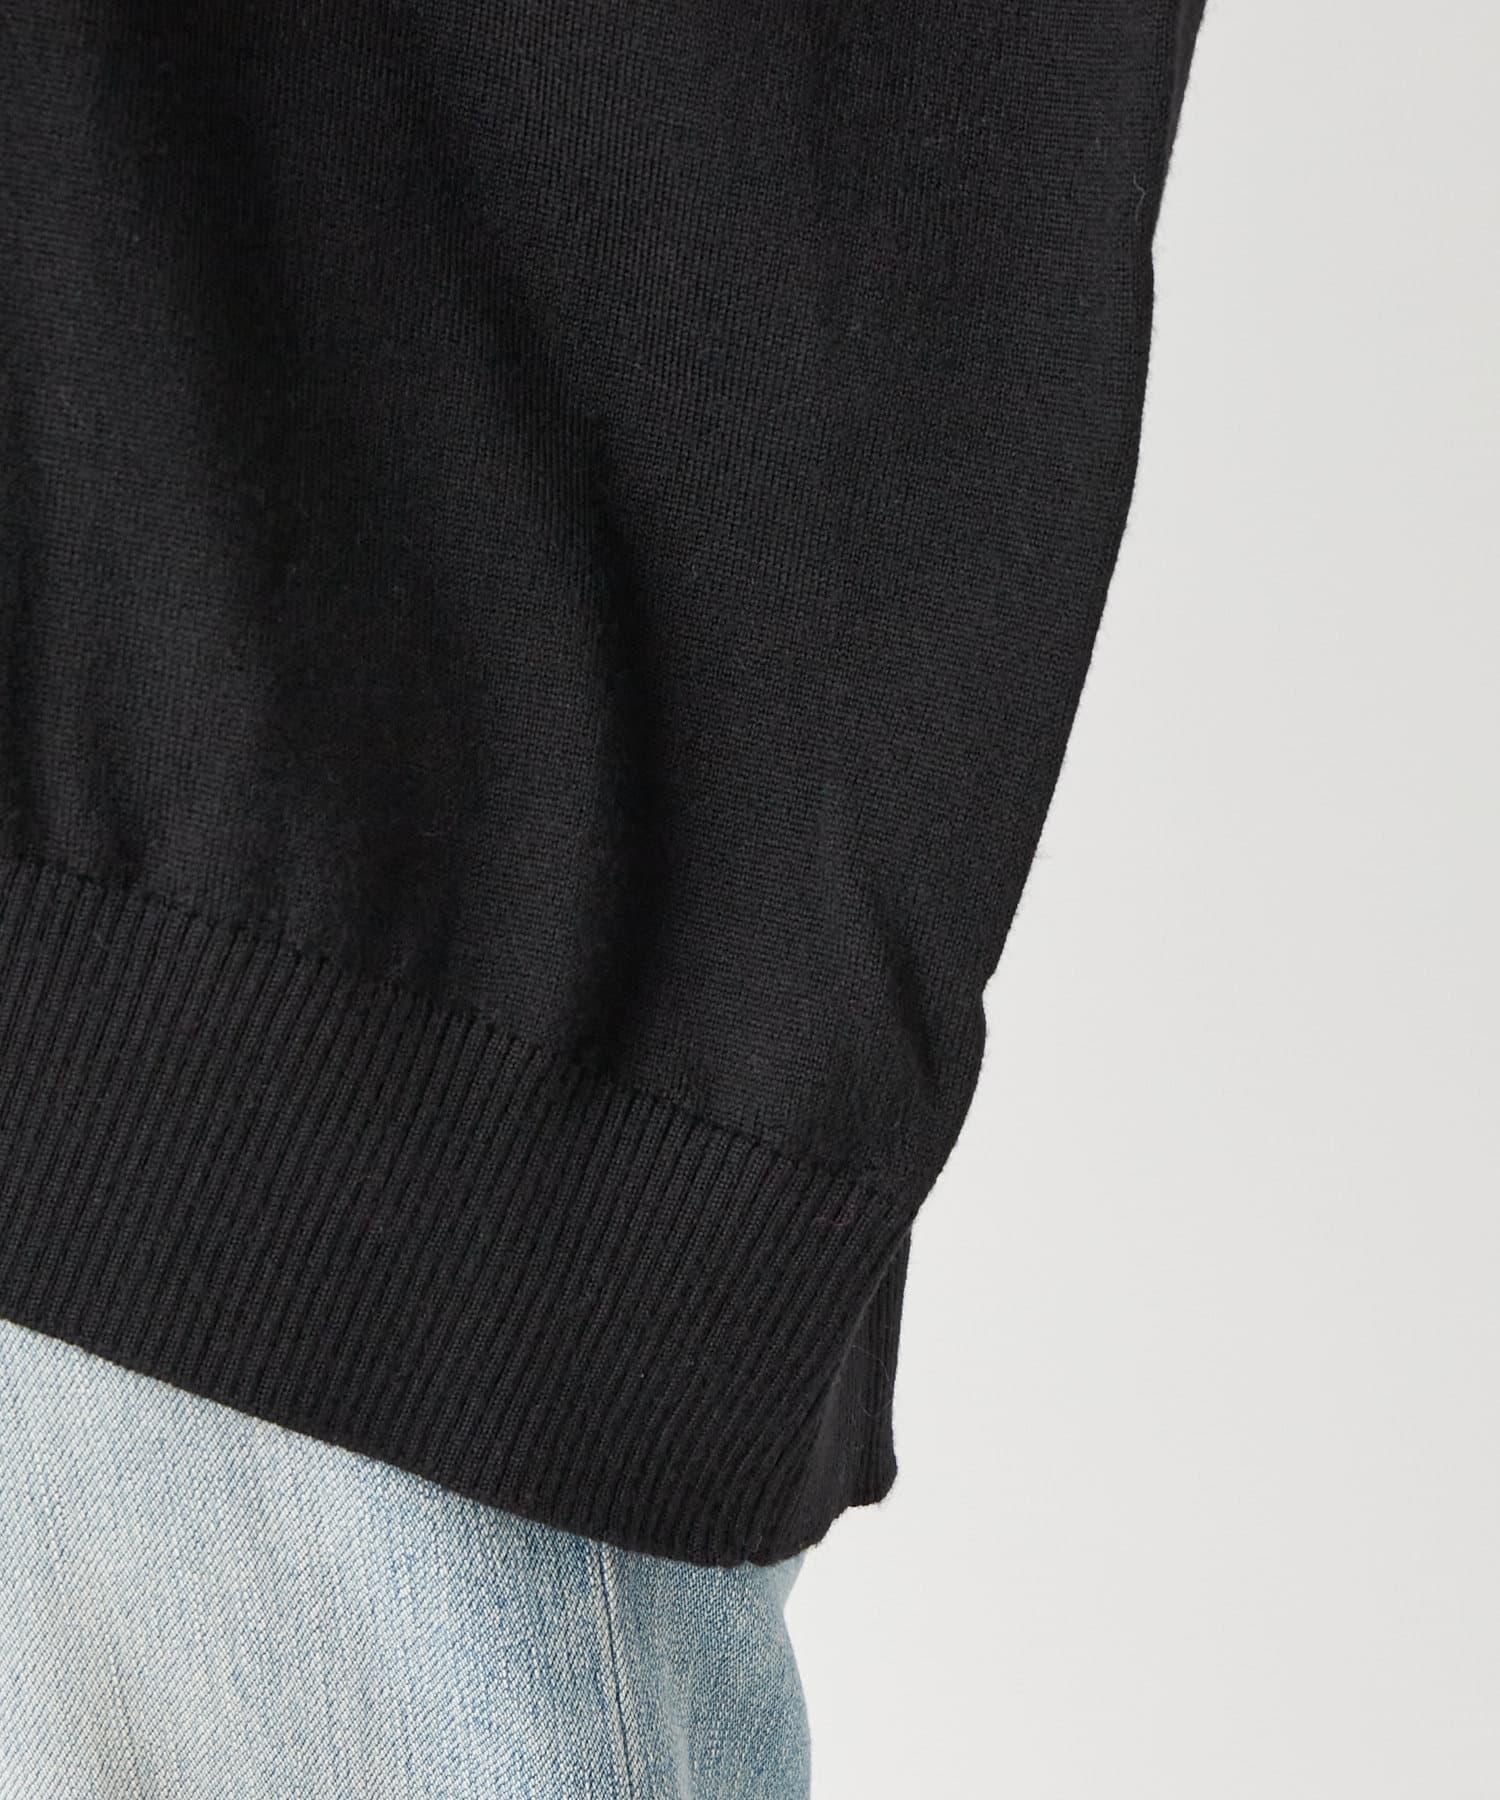 La boutique BonBon(ラブティックボンボン) 【COZスタイル・リラクシー・手洗い可】ウールカシミヤコクーンニット